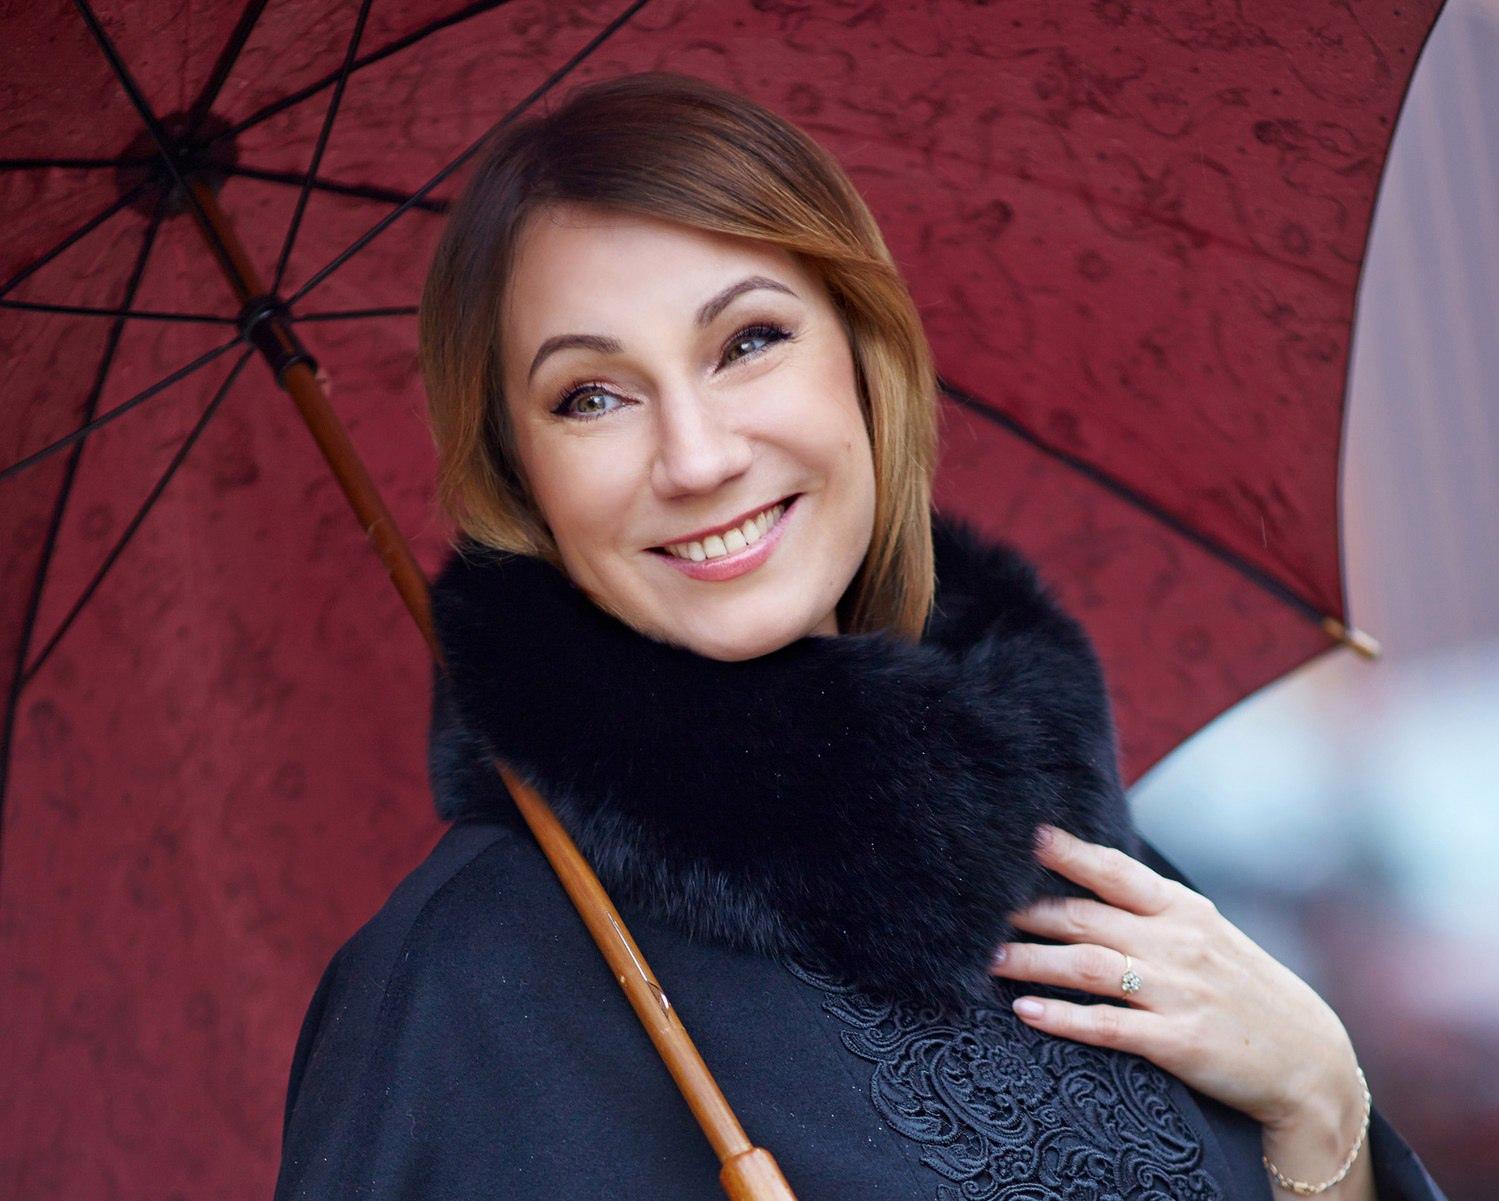 Сегодня свой день рождения отмечает Тумайкина Ольга Васильевна.